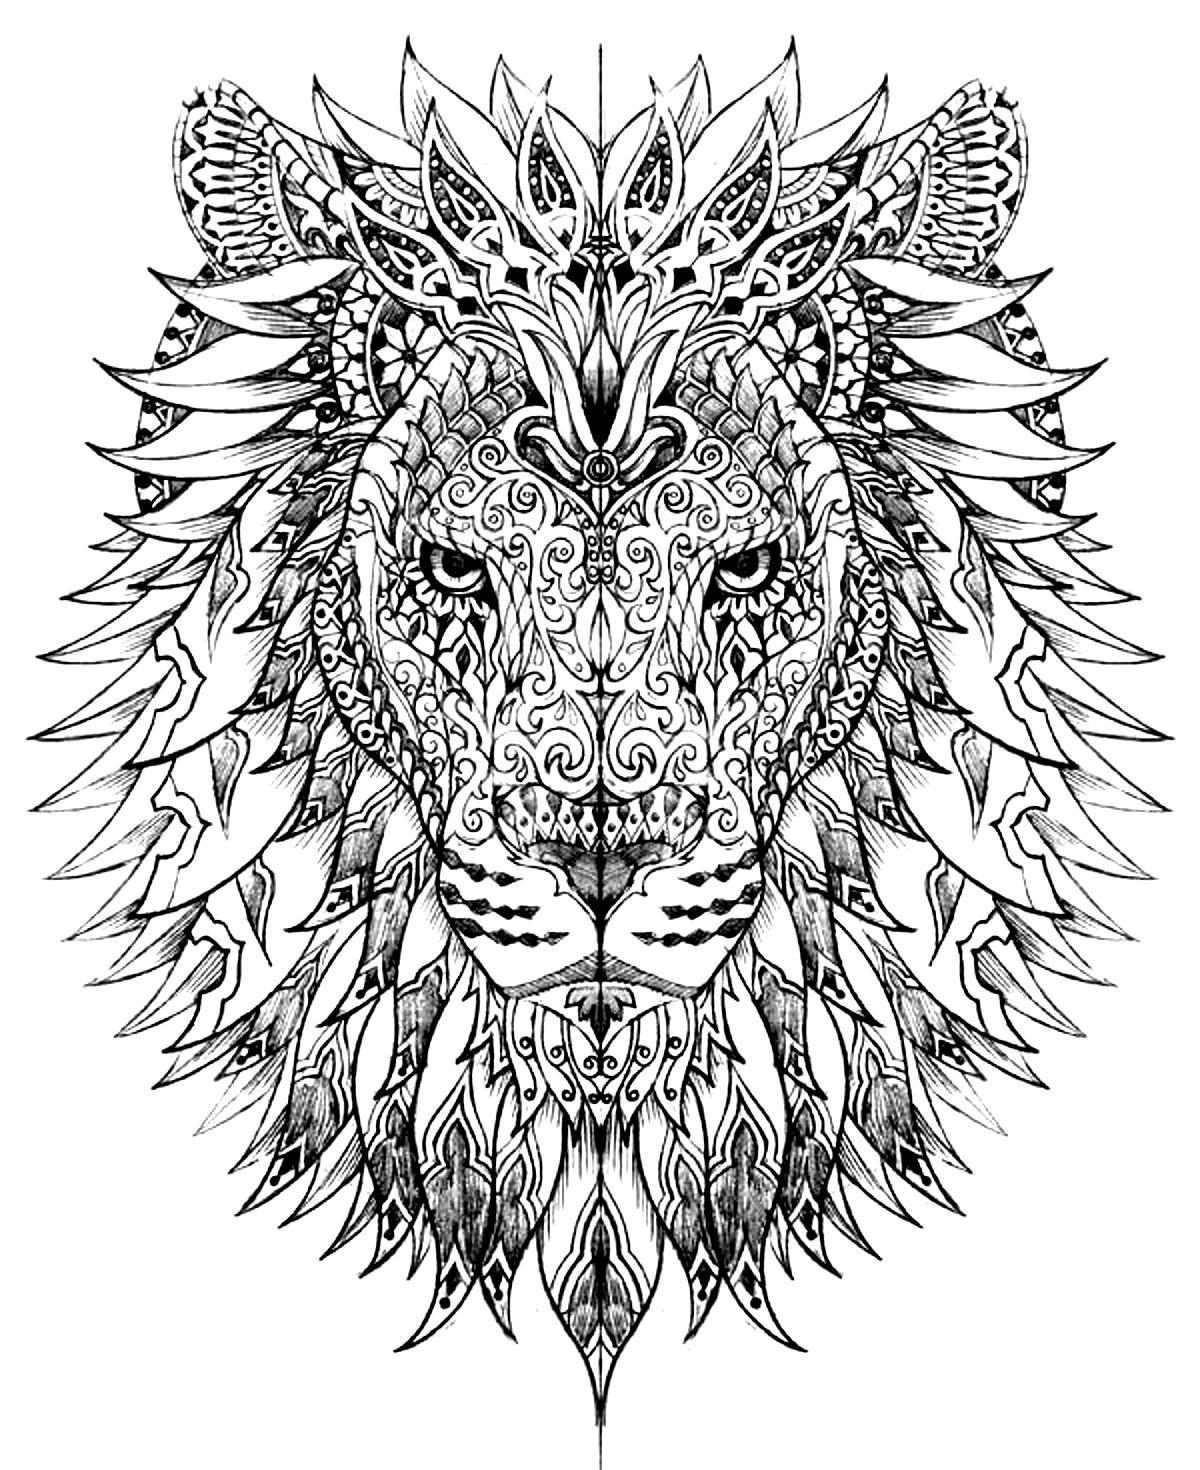 Difficile tete lion | A partir de la galerie : Insectes